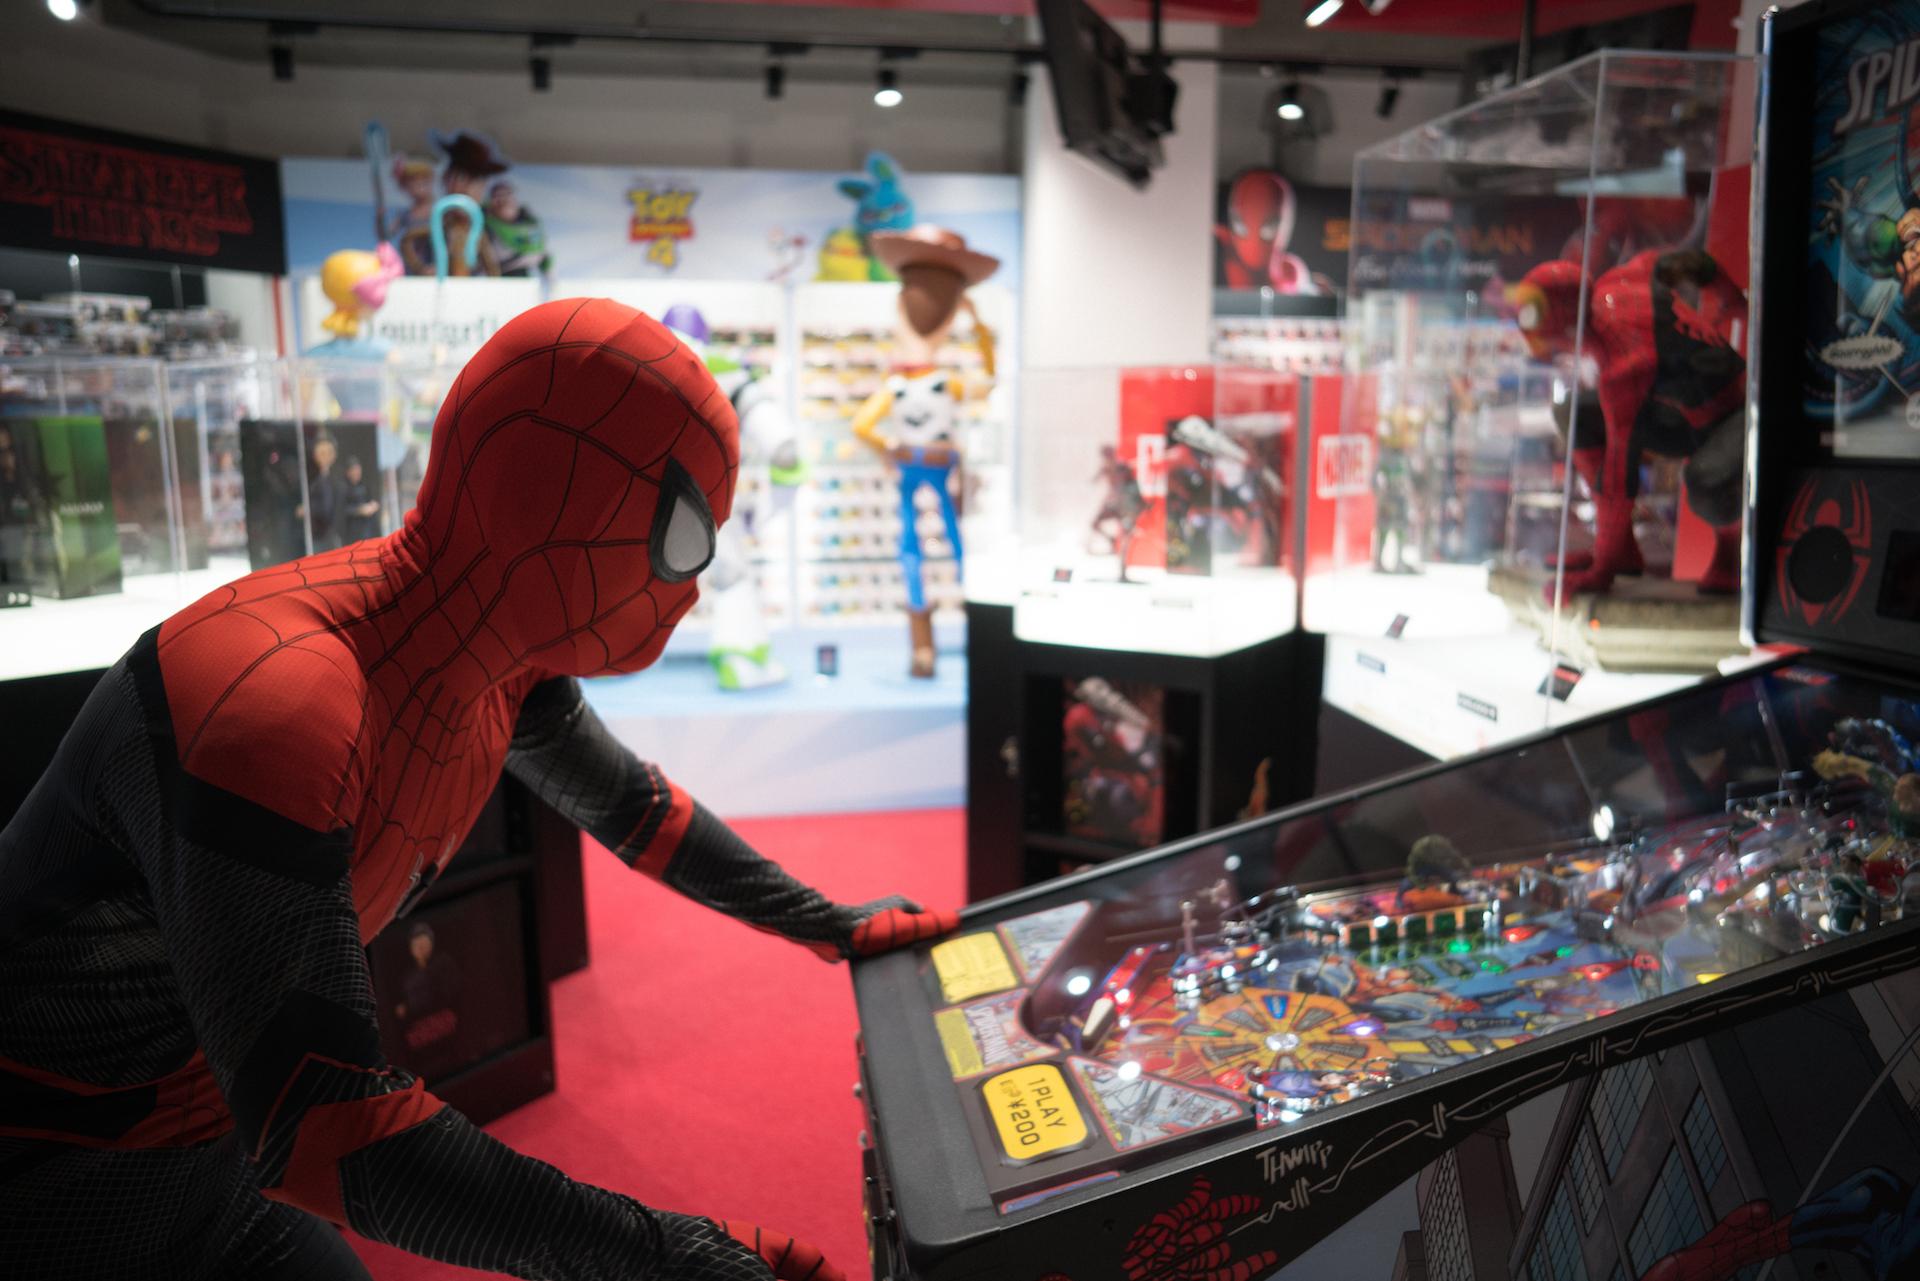 スパイダーマン好きなら目ギラギラ大興奮必至の期間限定ショップ探訪 art-culture-spiderman-store-report-15